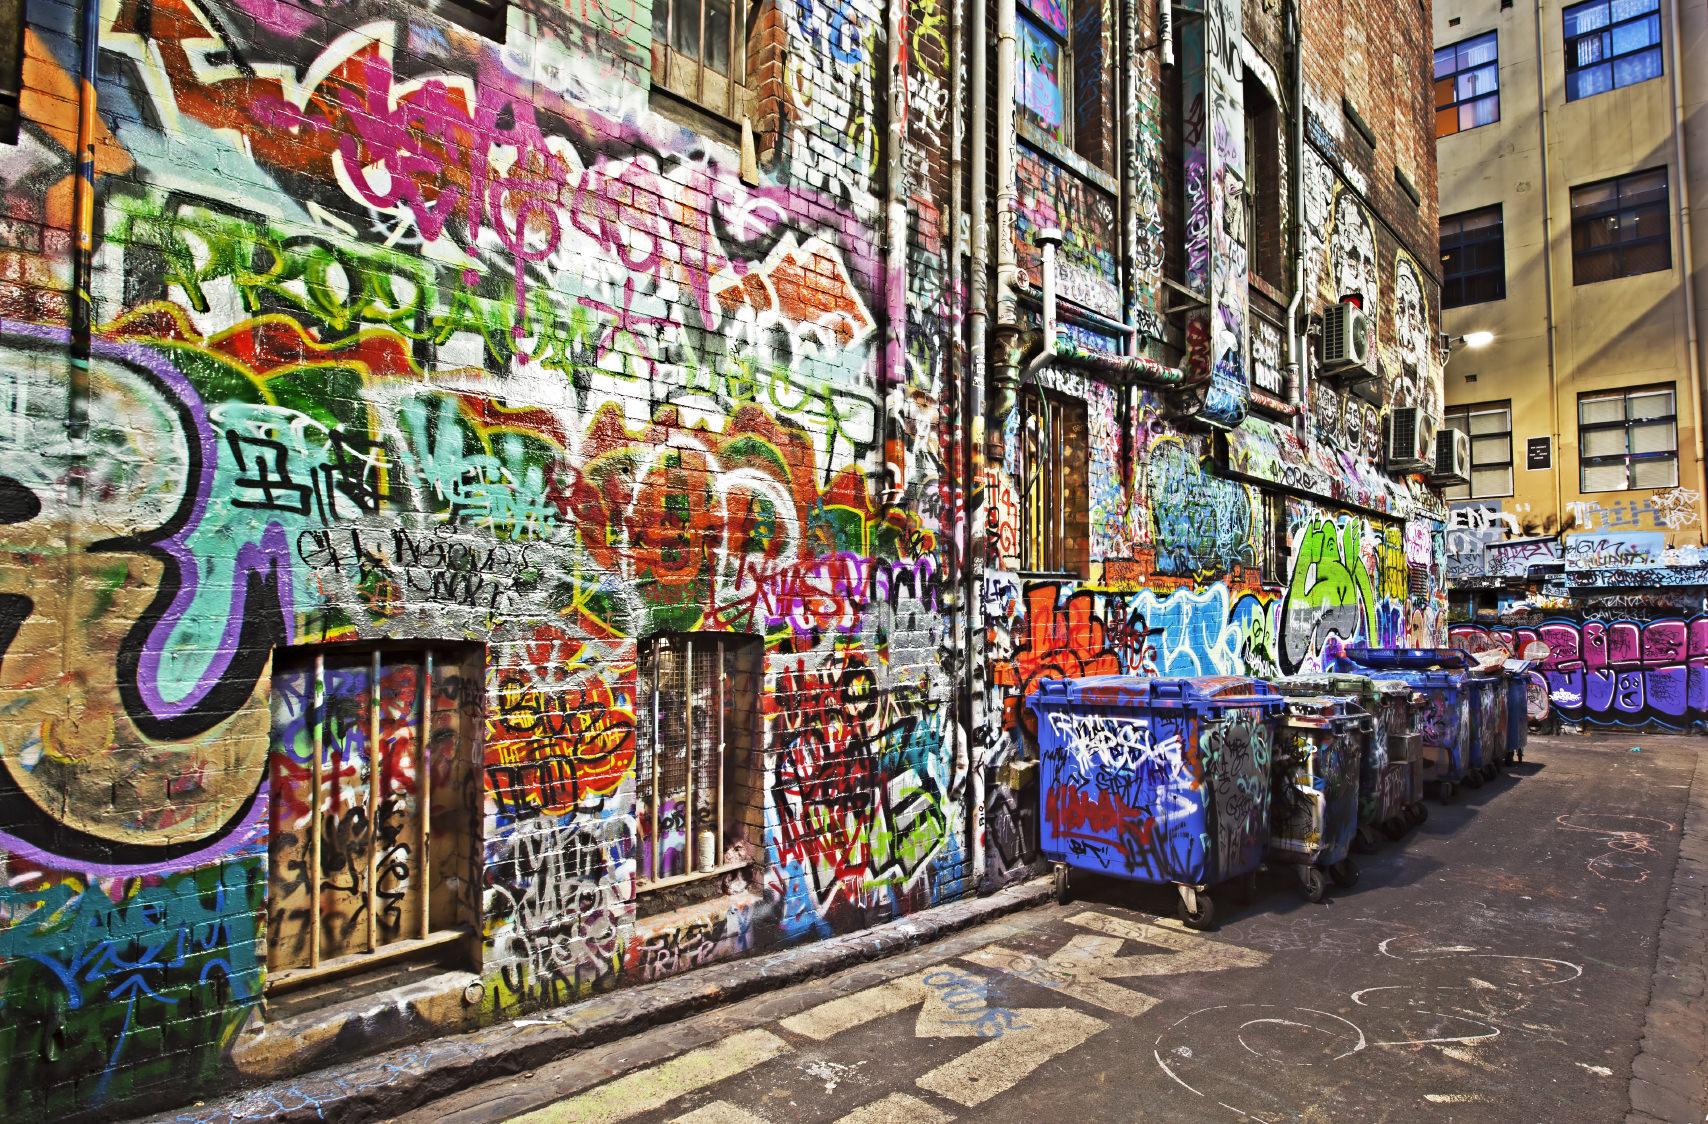 Hai bisogno di qualche ispirazione per la Street Photography?